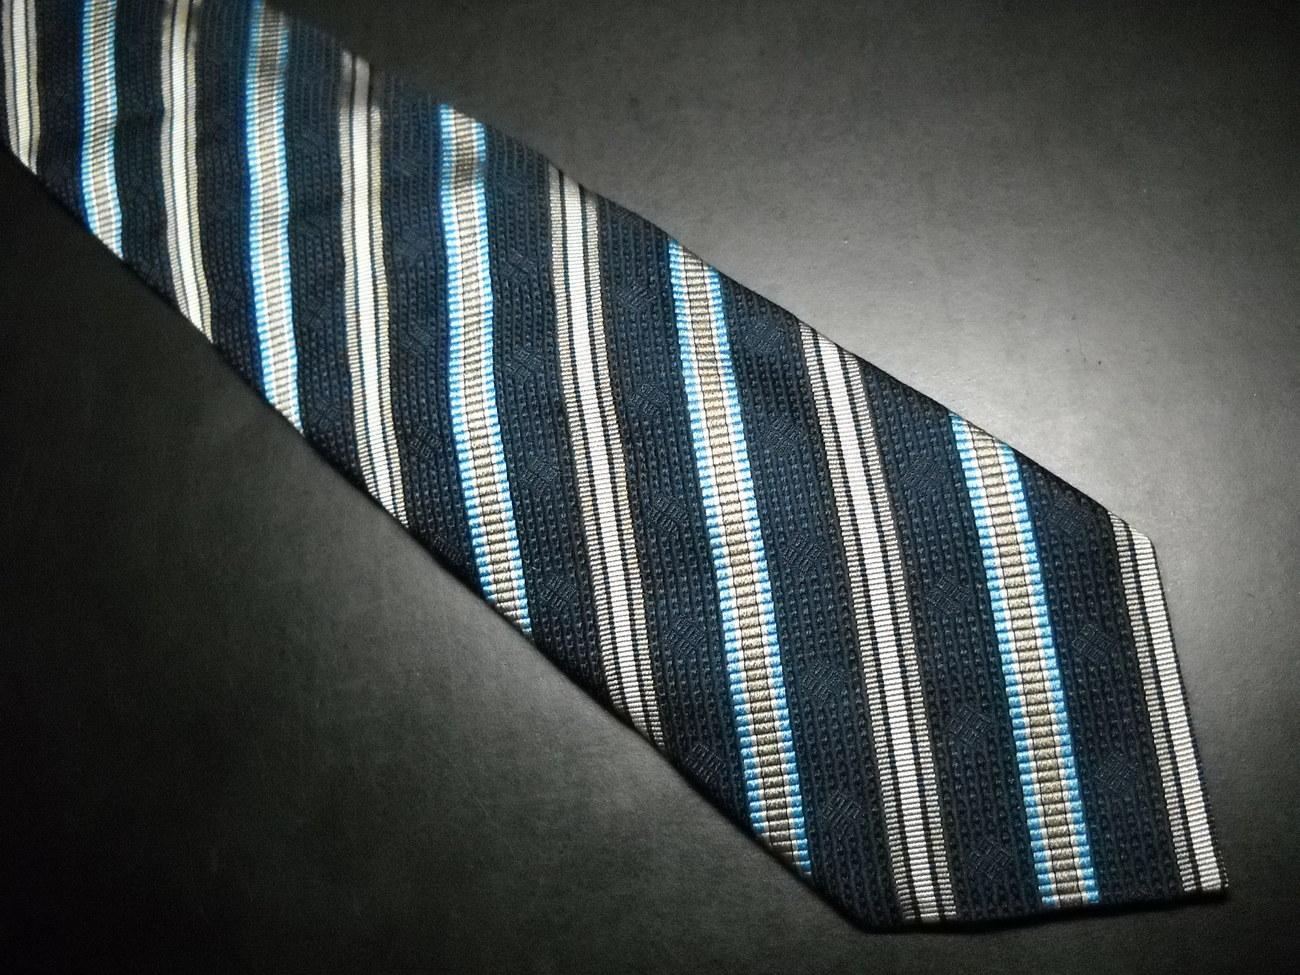 Tie givenchy paris blues diagonal stripes 02